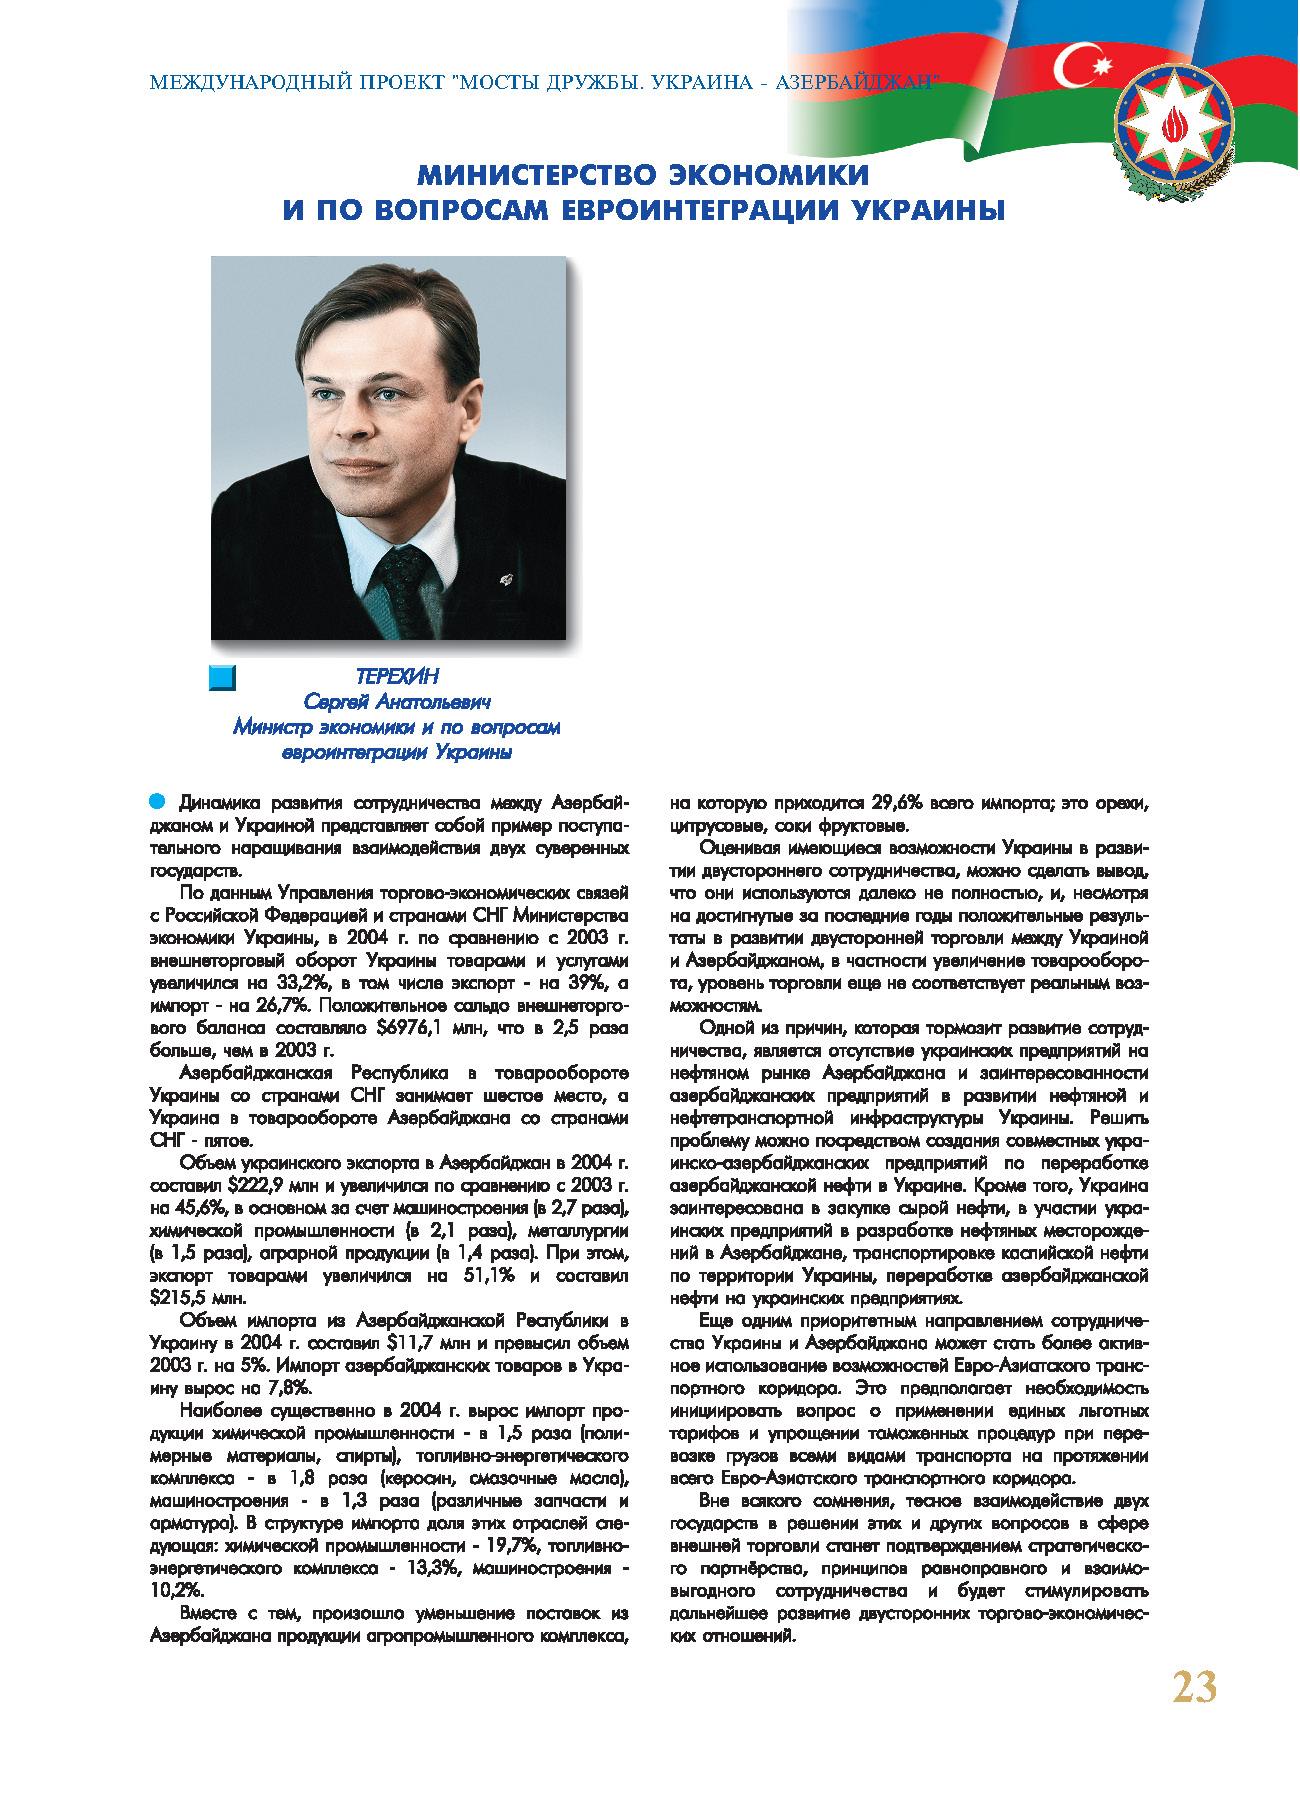 Министерство экономики и по вопросам европейской интеграции Украины